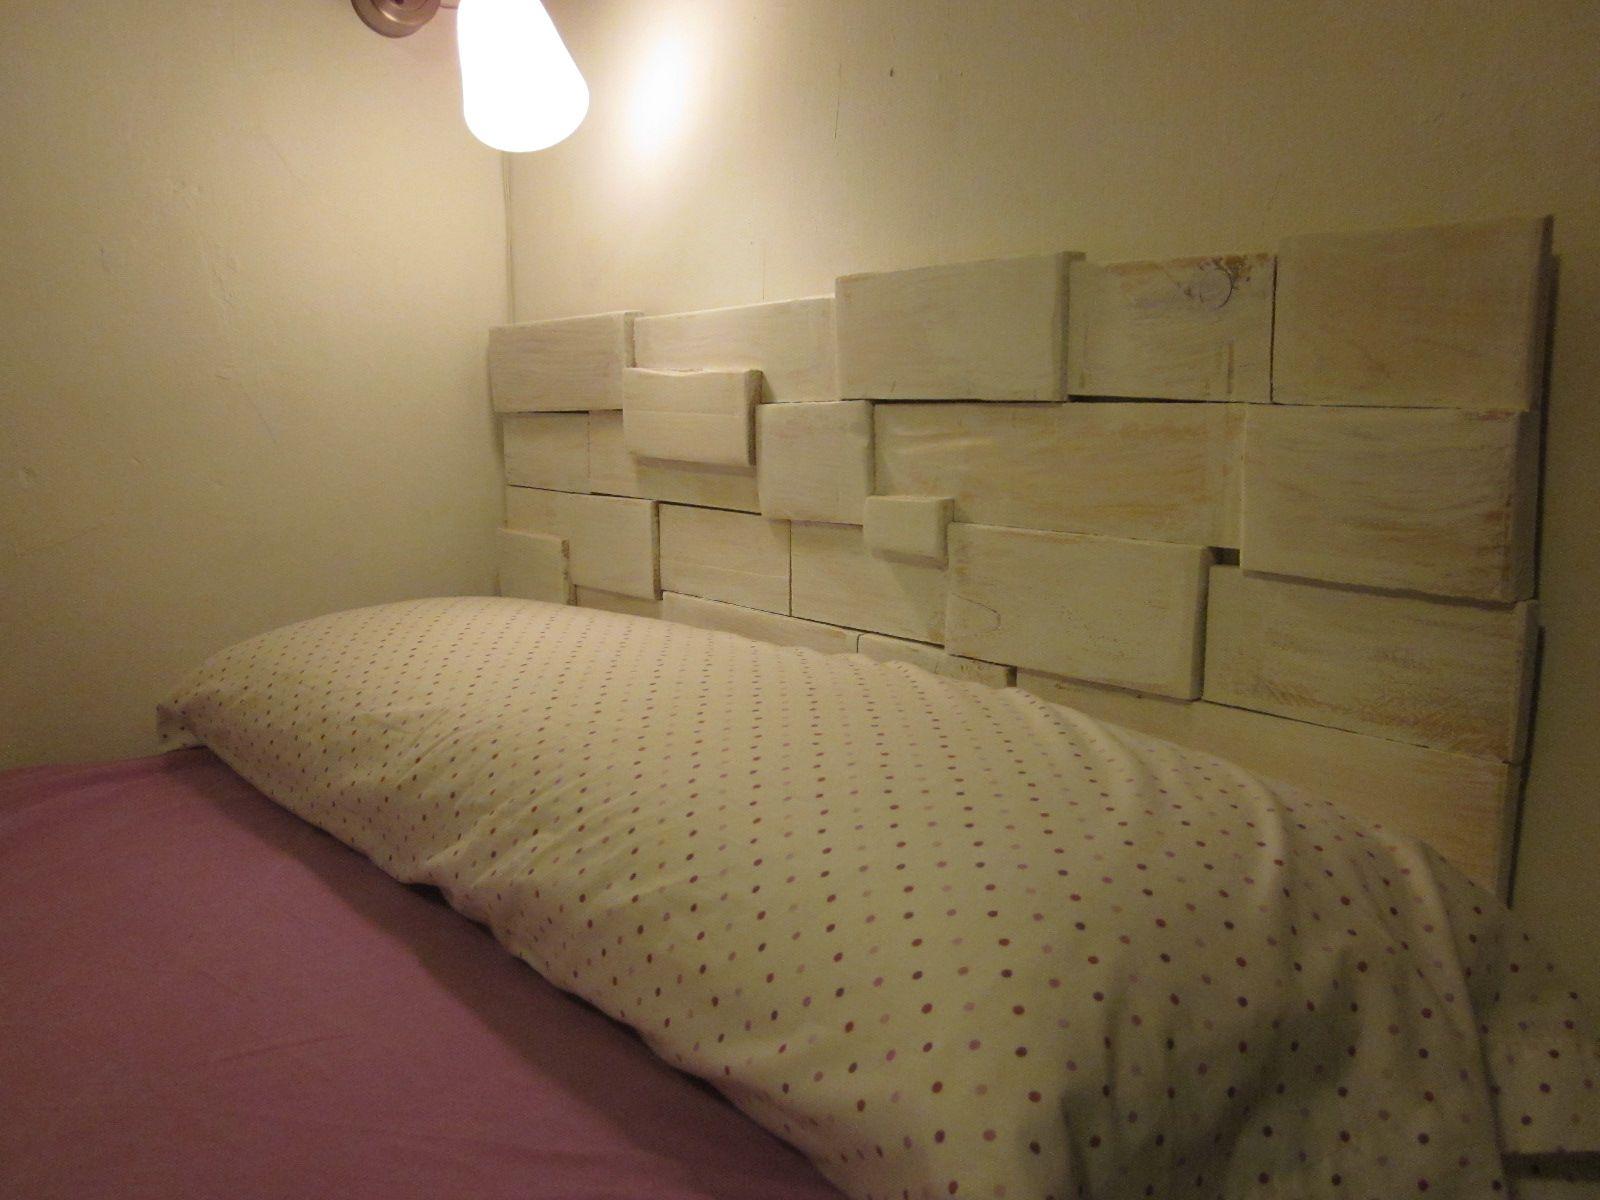 Cabecero hecho con palets respaldos de camas pinterest - Cabeceros cama caseros ...